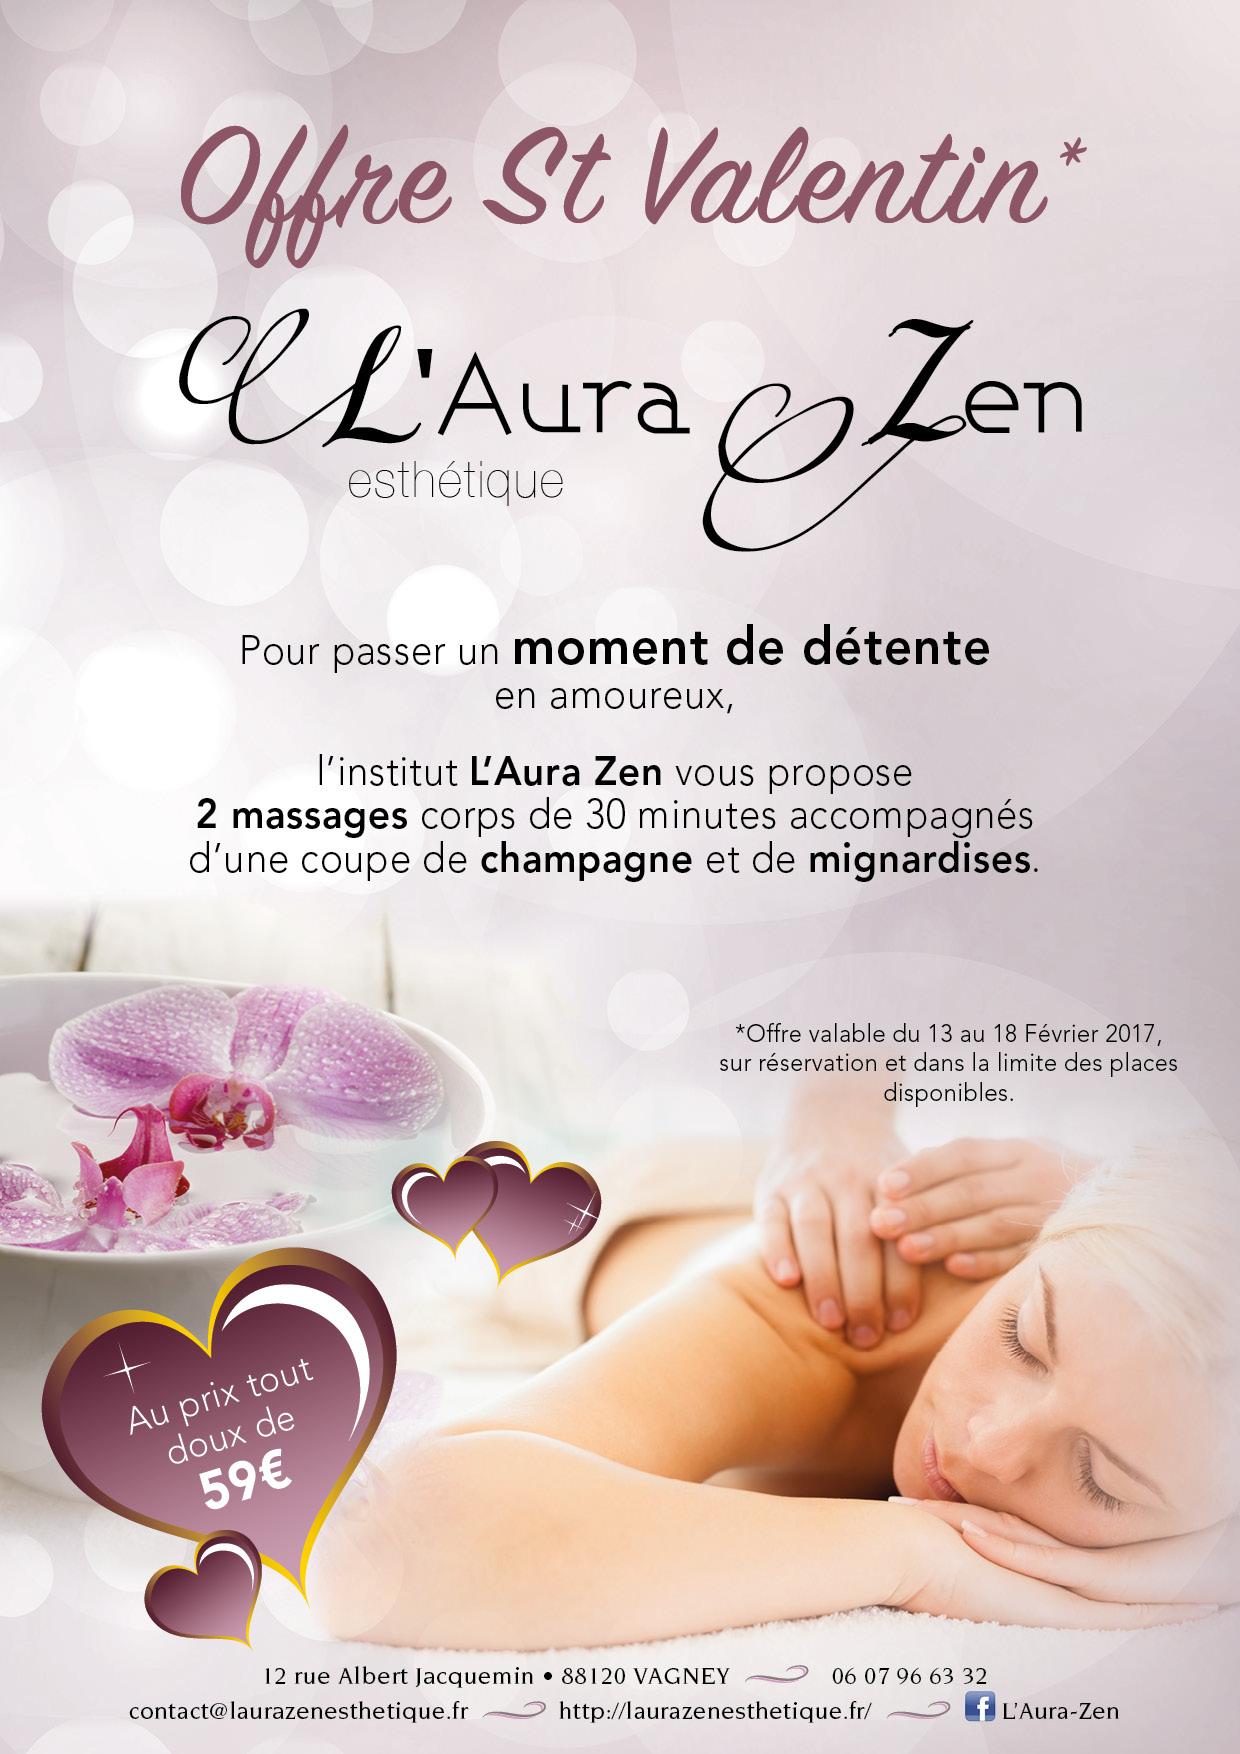 salon de beauté L'Aura Zen offre du moment